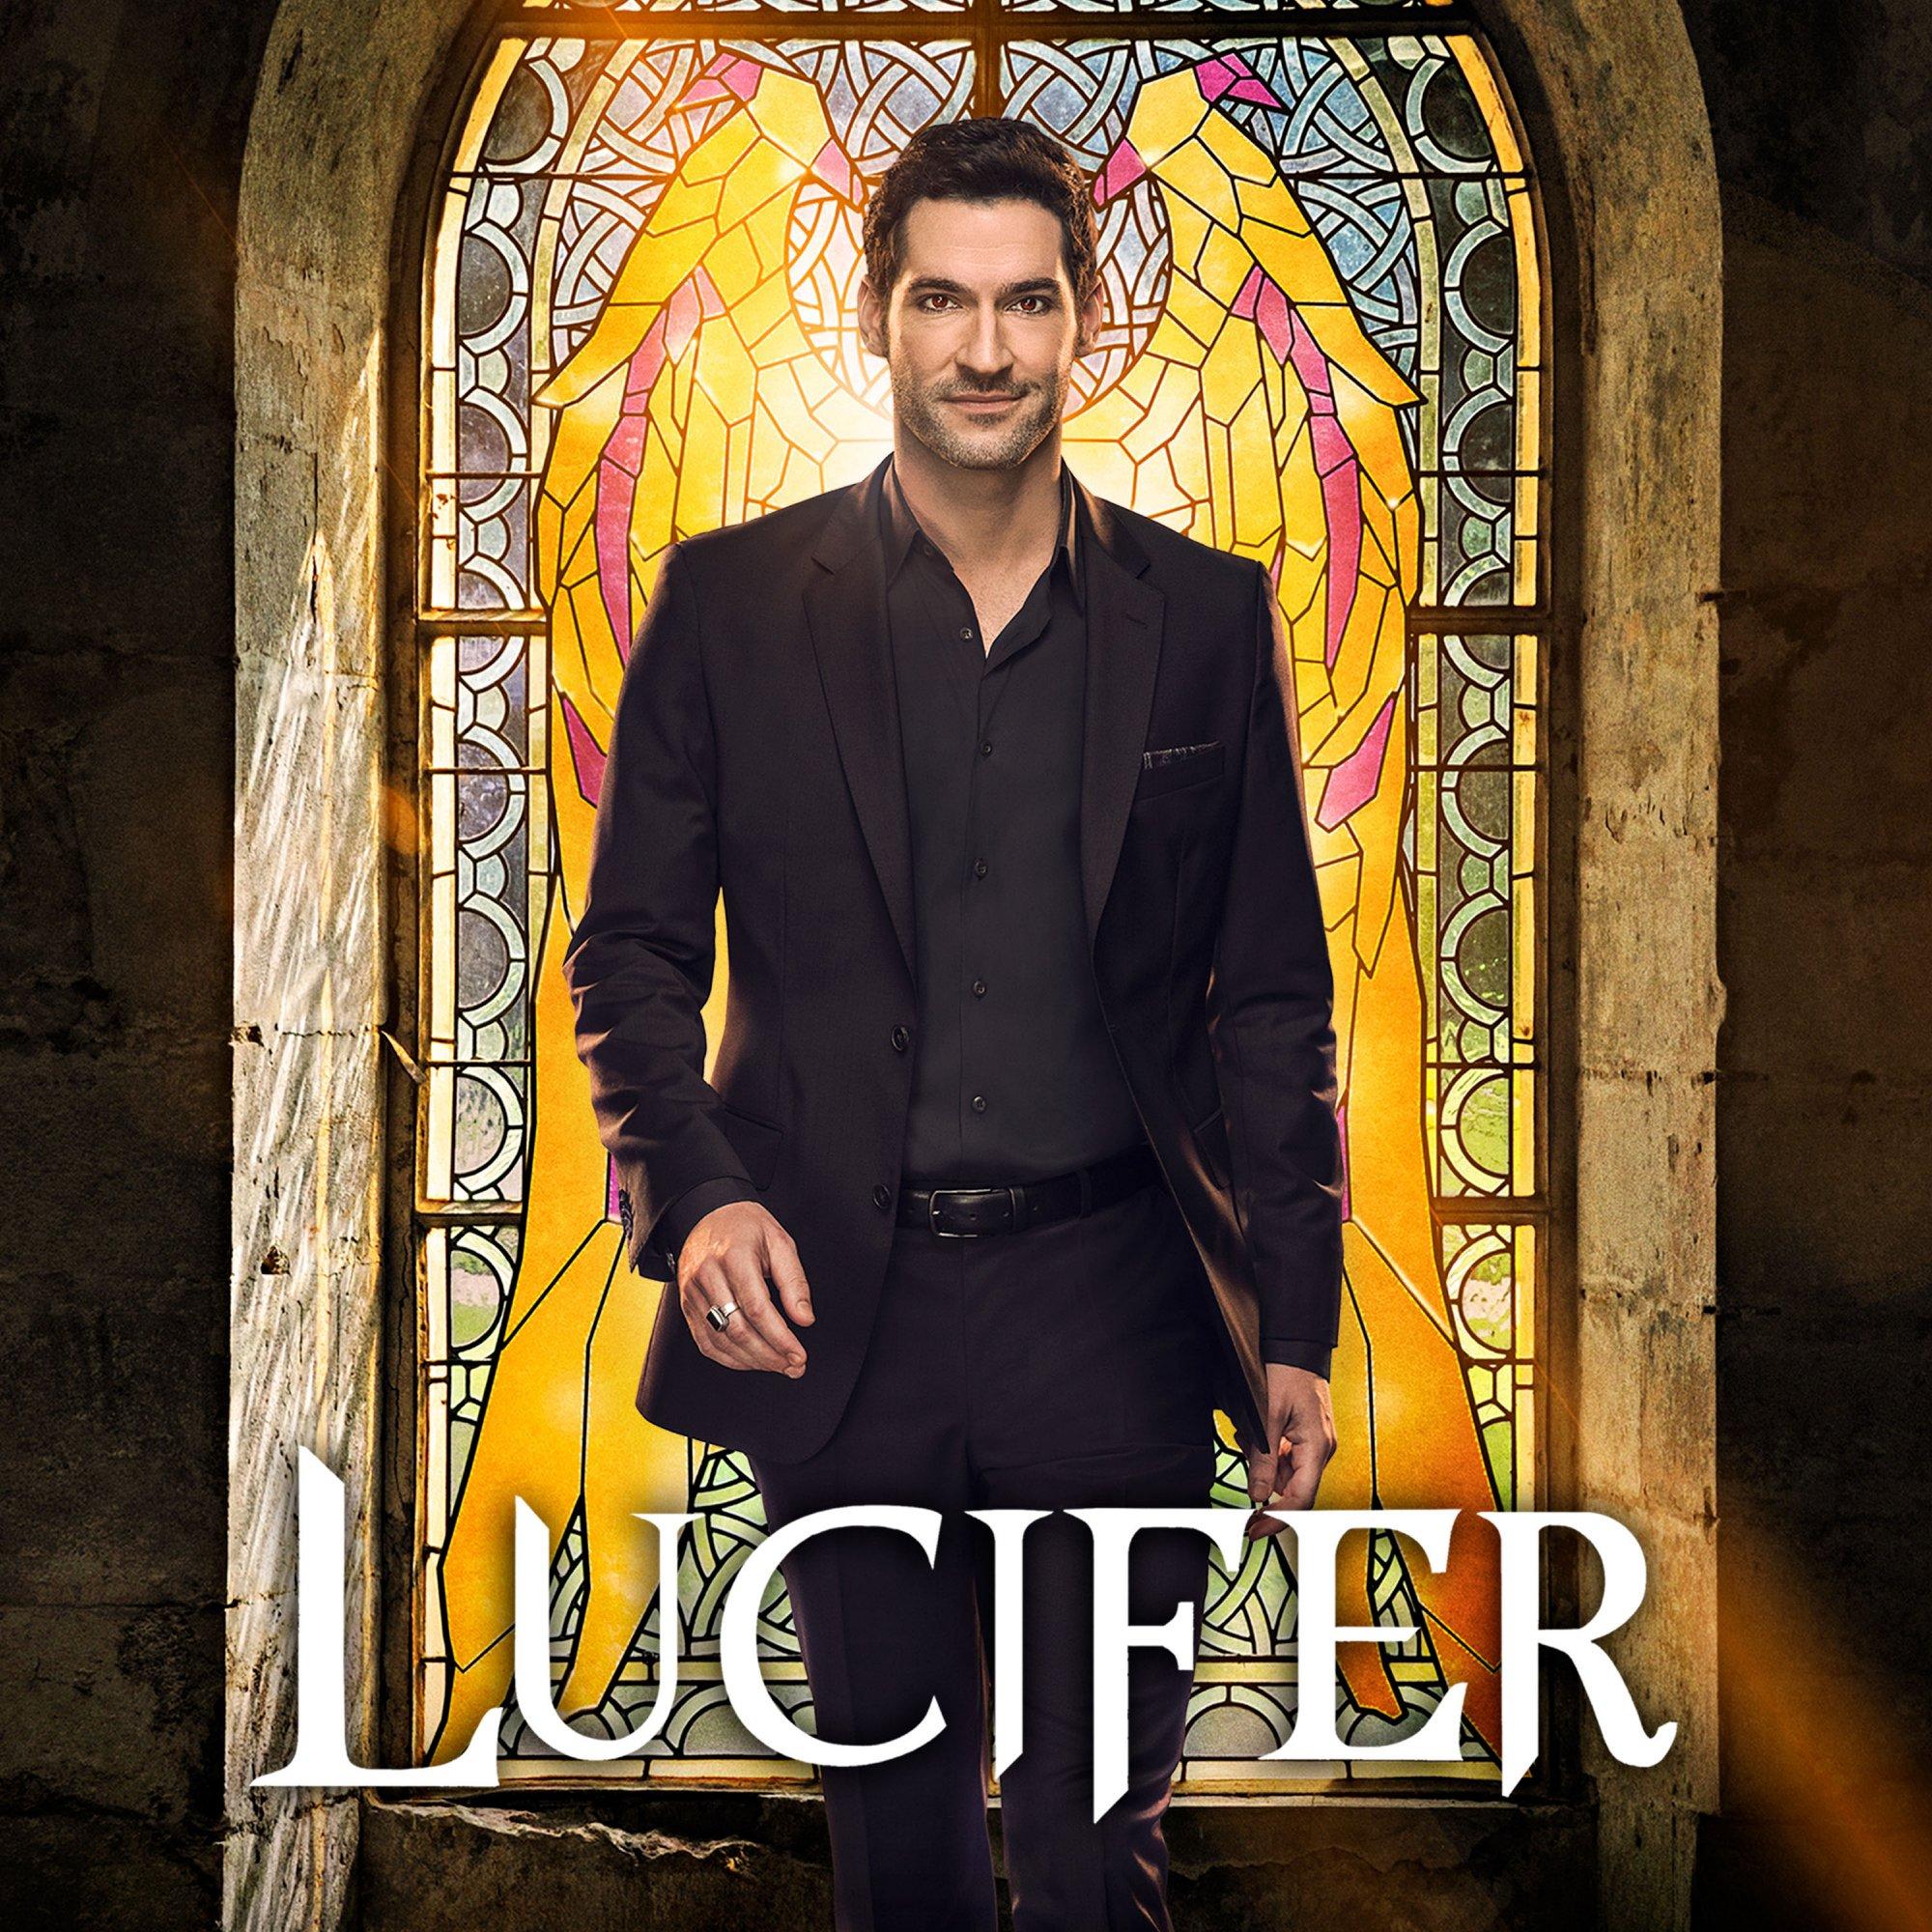 Lucifer (Subtitled)